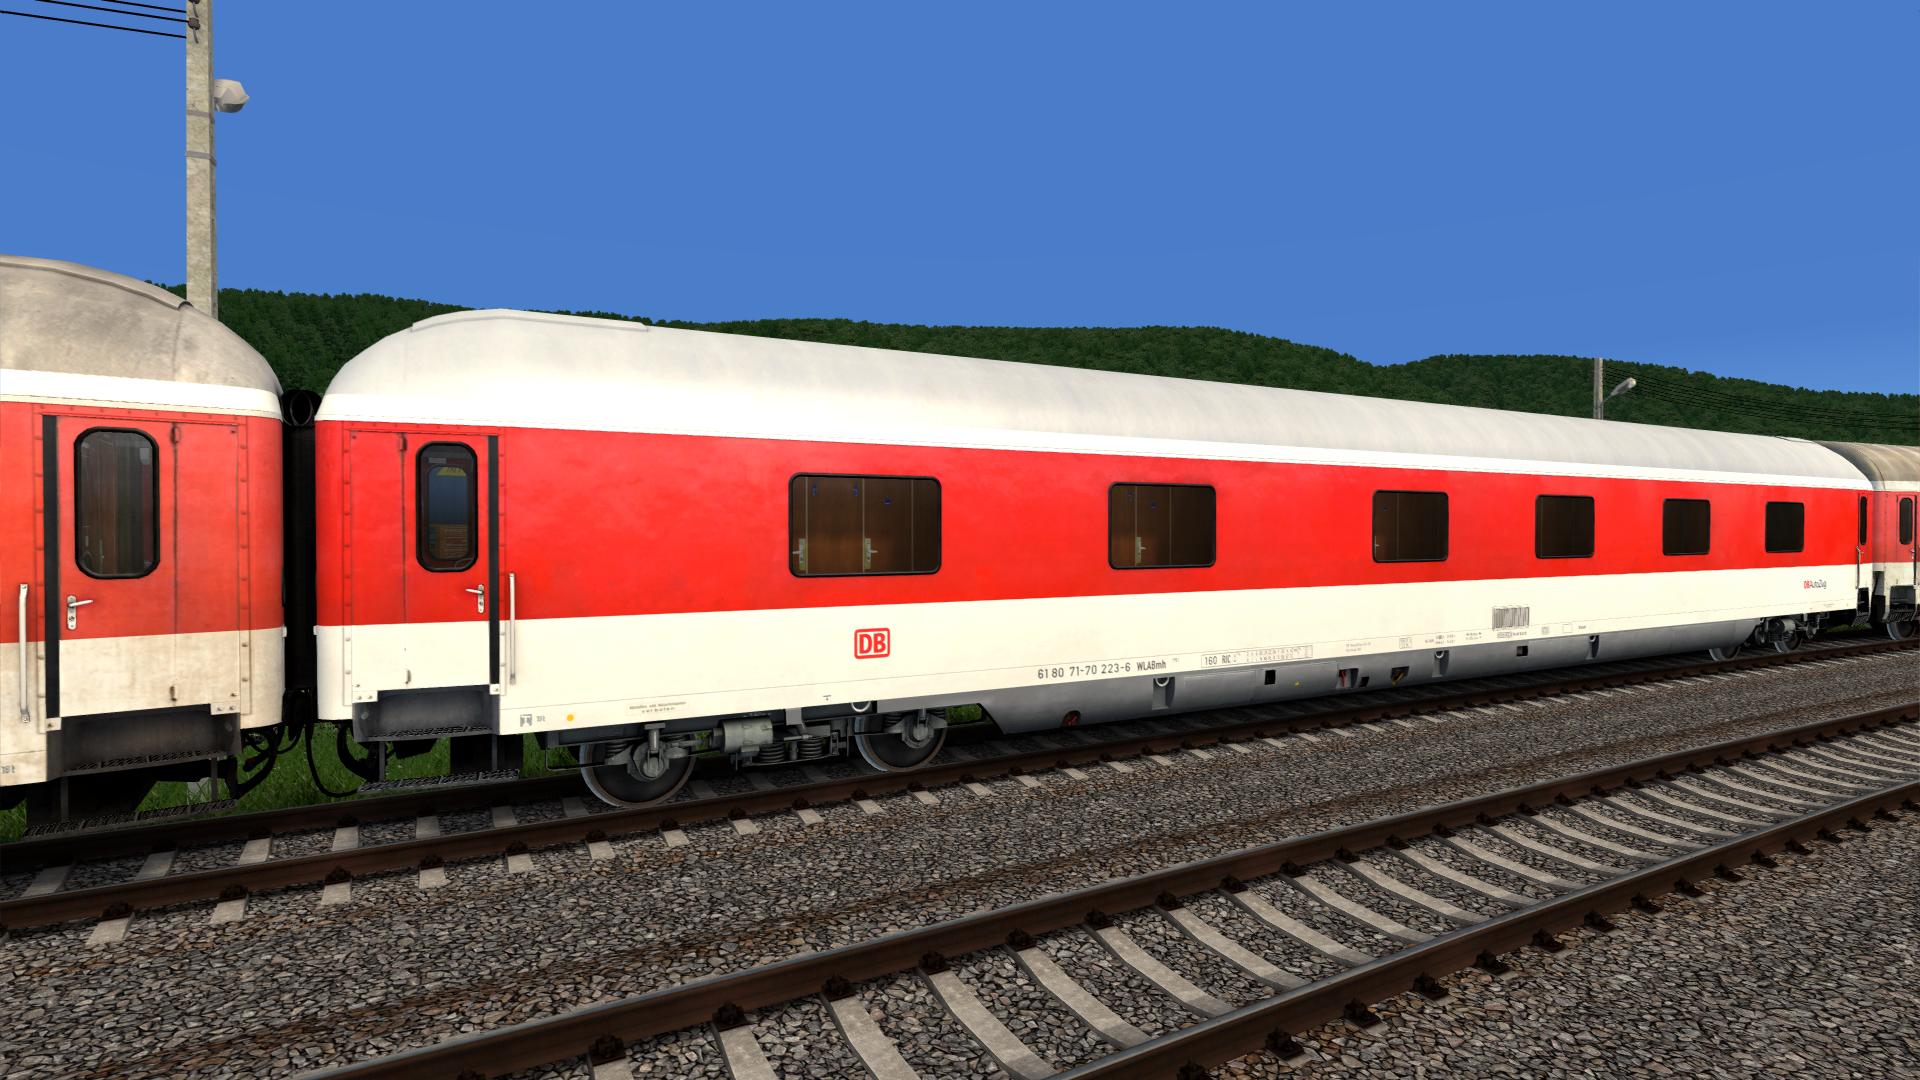 RailWorks64 2021-03-21 15-30-35